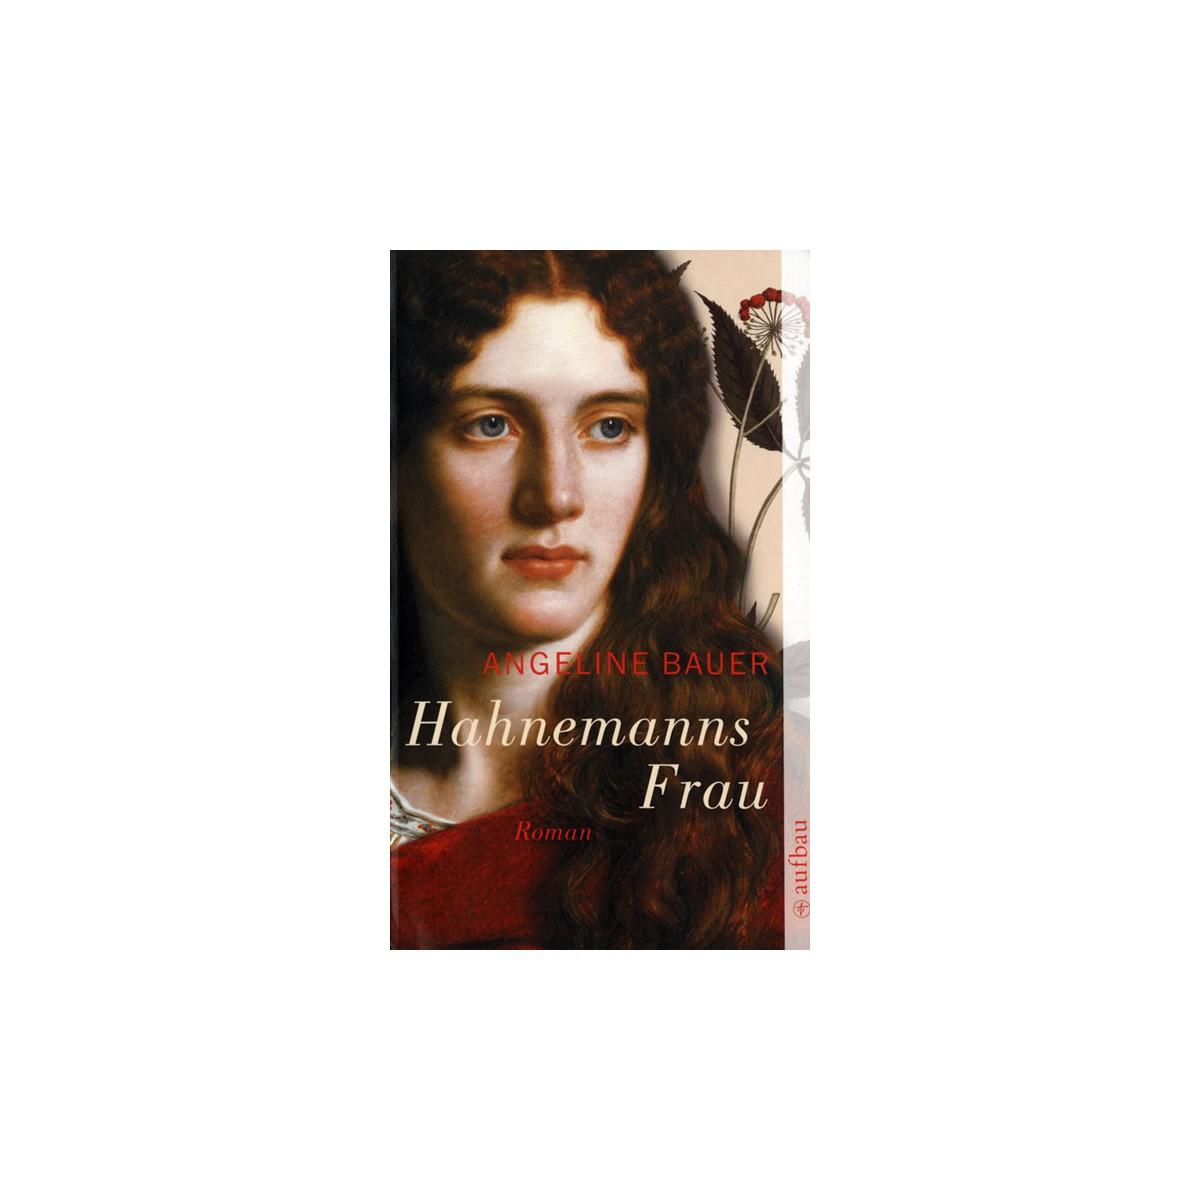 Bauer, Hahnemanns Frau 3-7466-1778-2